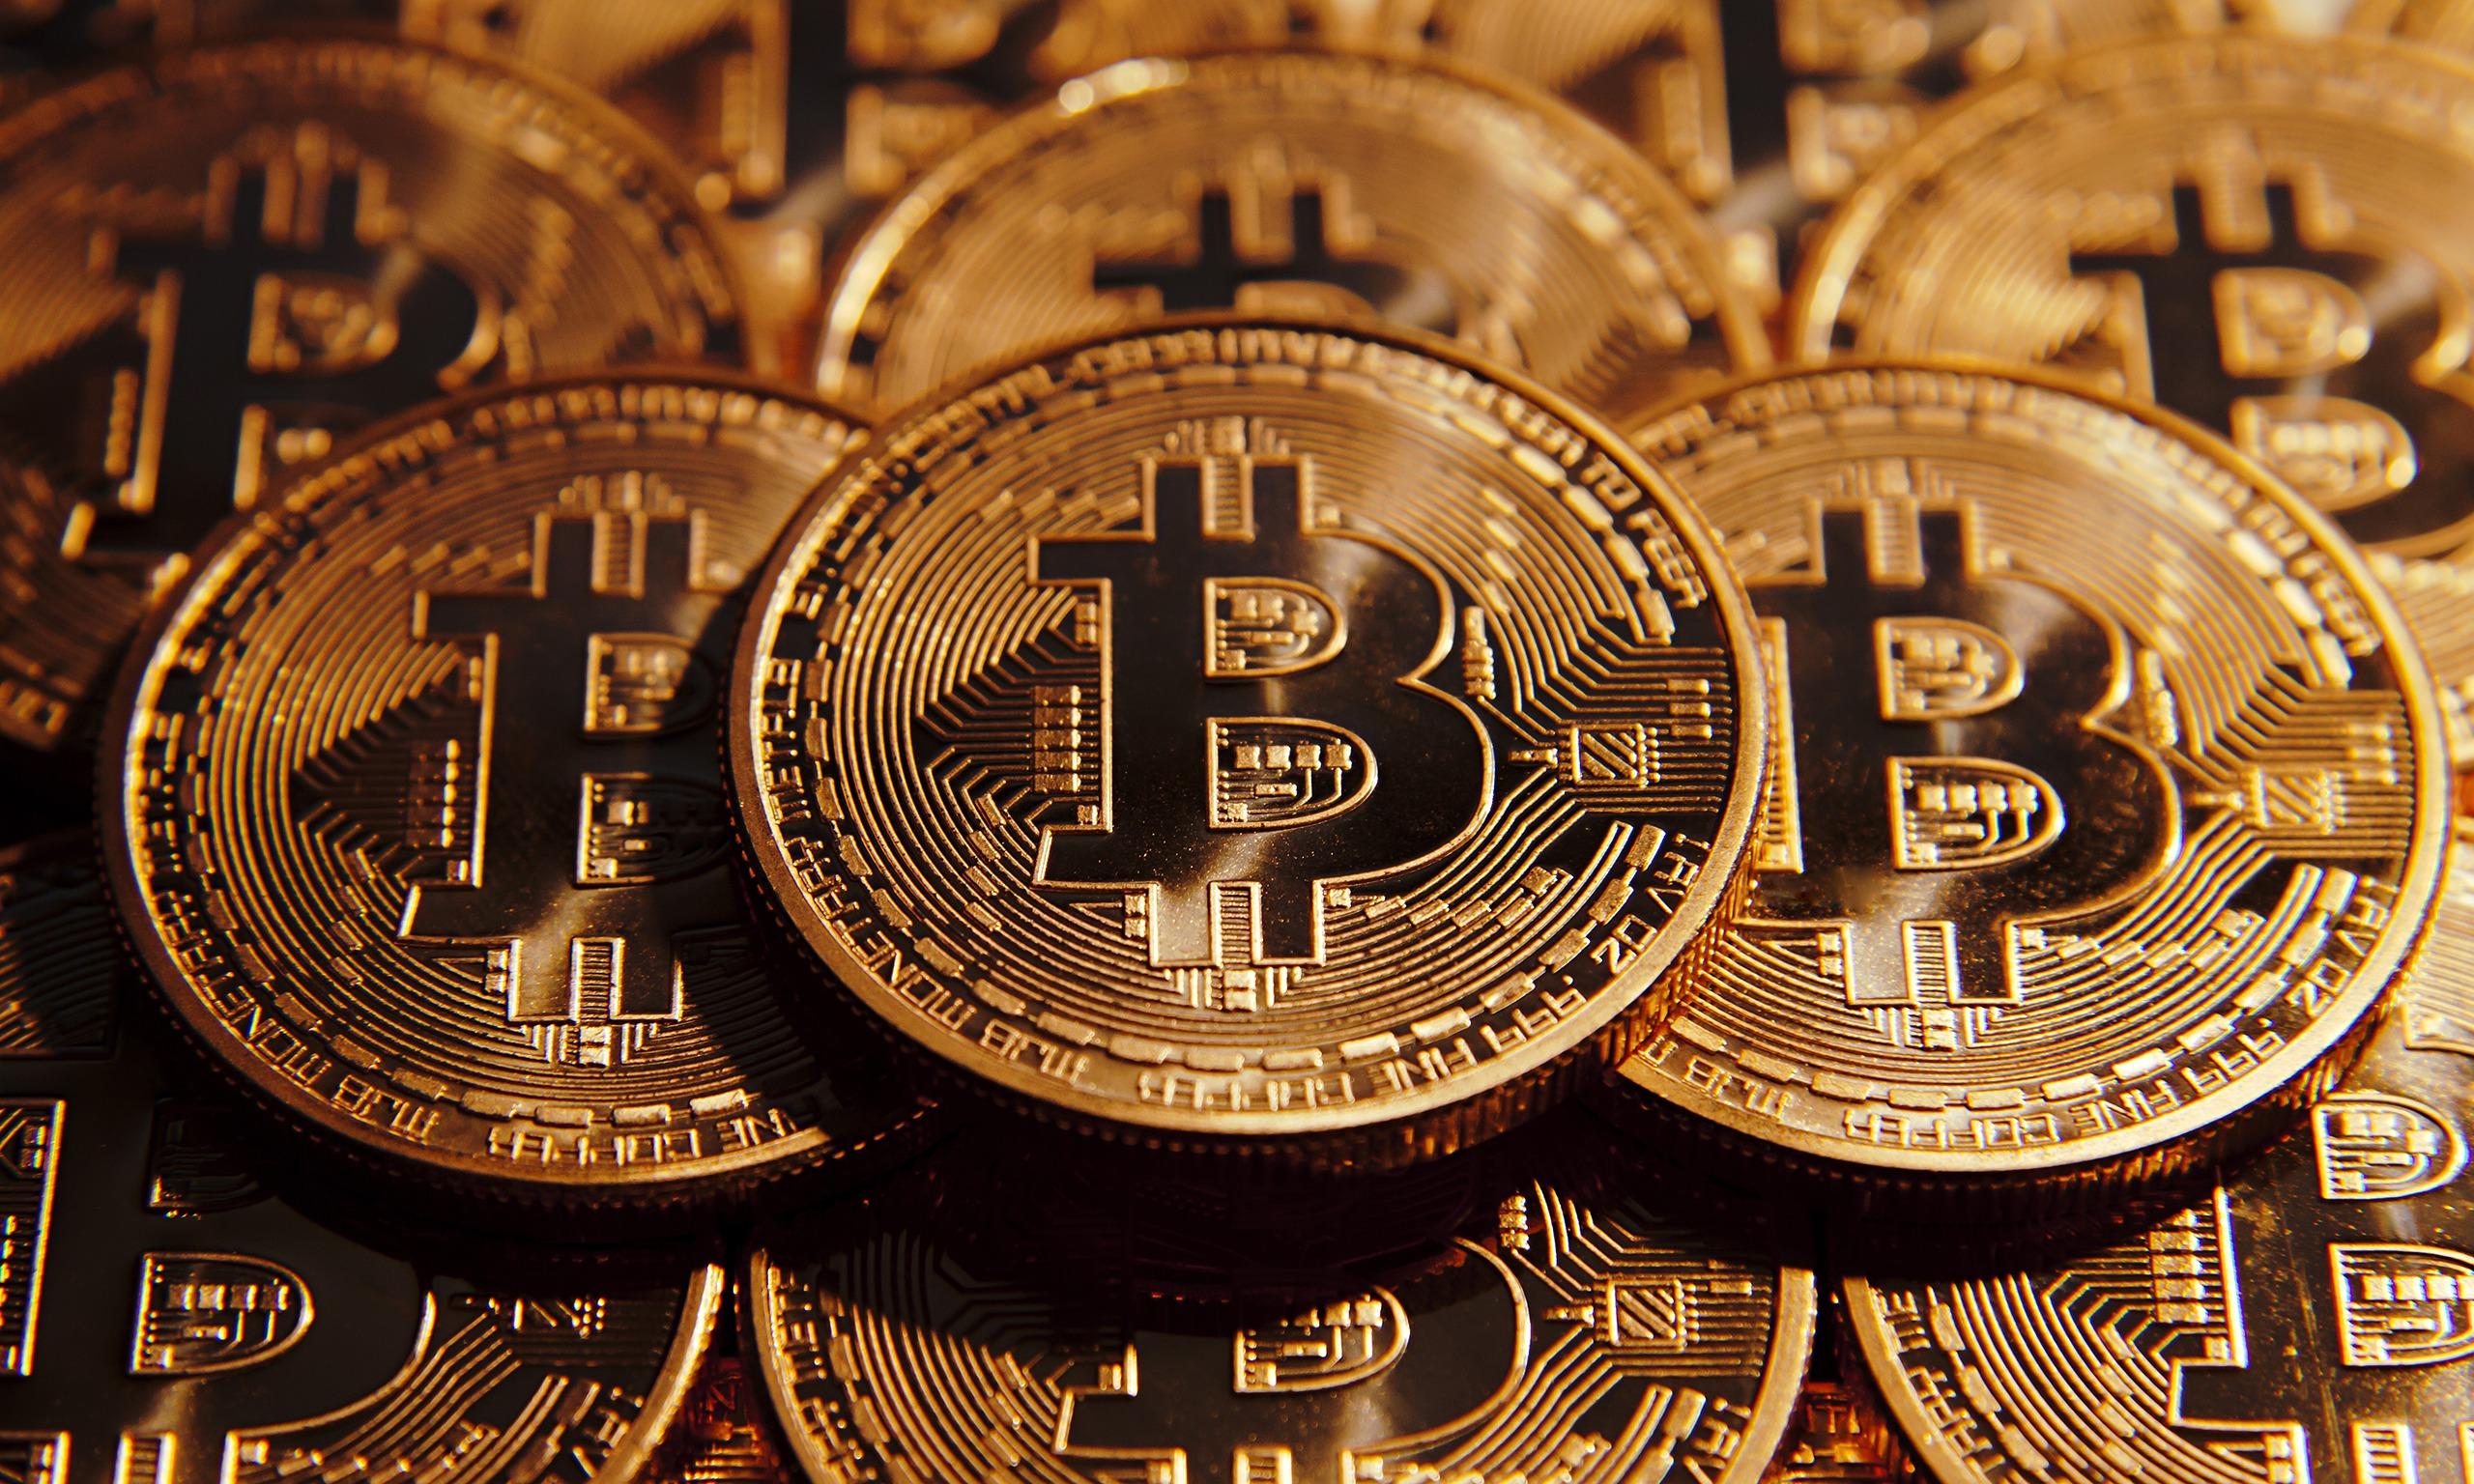 Bitcoin,Criptomoneda,Precio,Dolar,Mercado